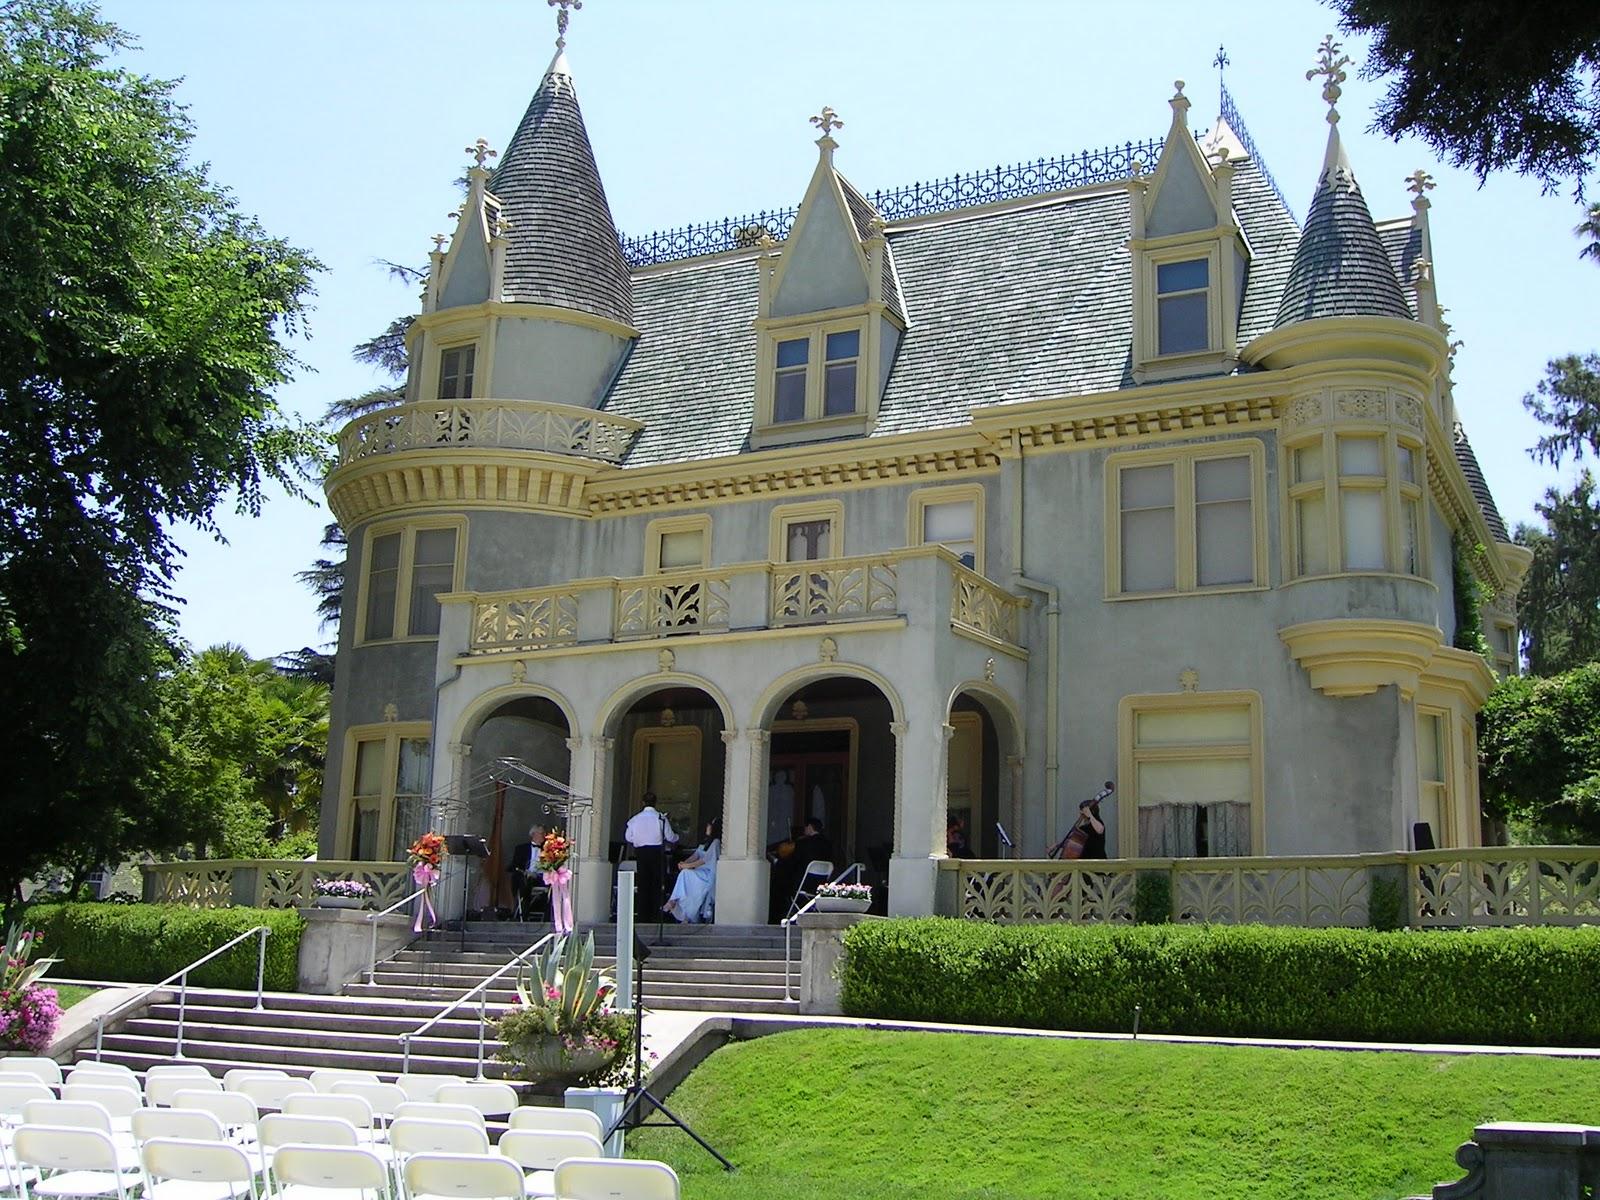 Zeph The Magic Castle